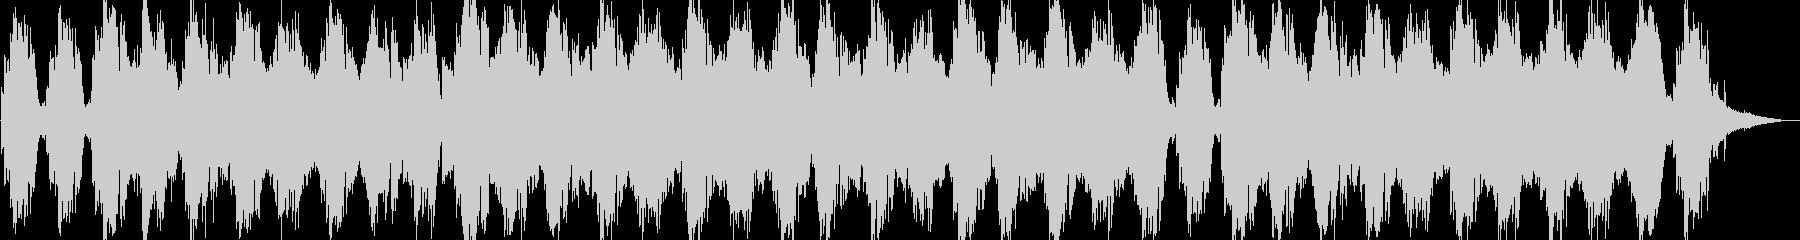 リラックス・映像・ナレーション用の未再生の波形